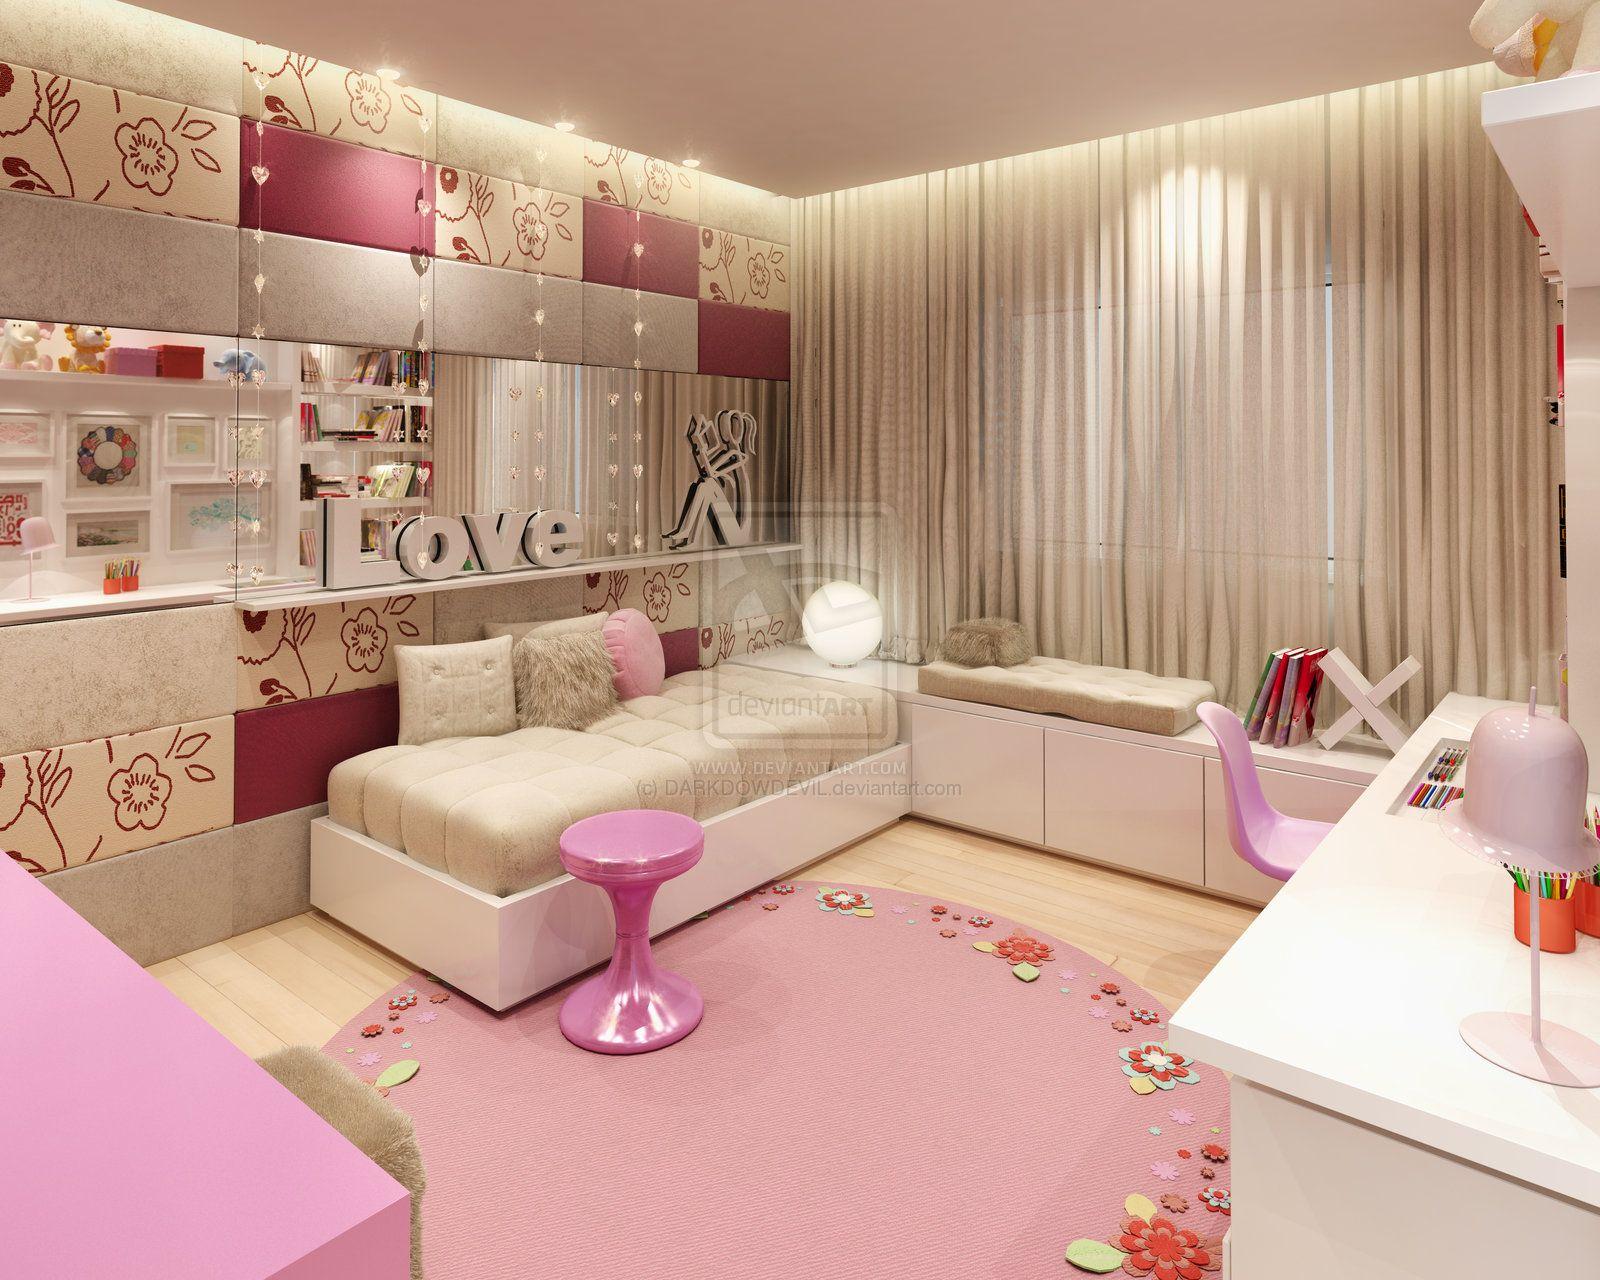 غرفة نوم اطفال عملية | المرسال